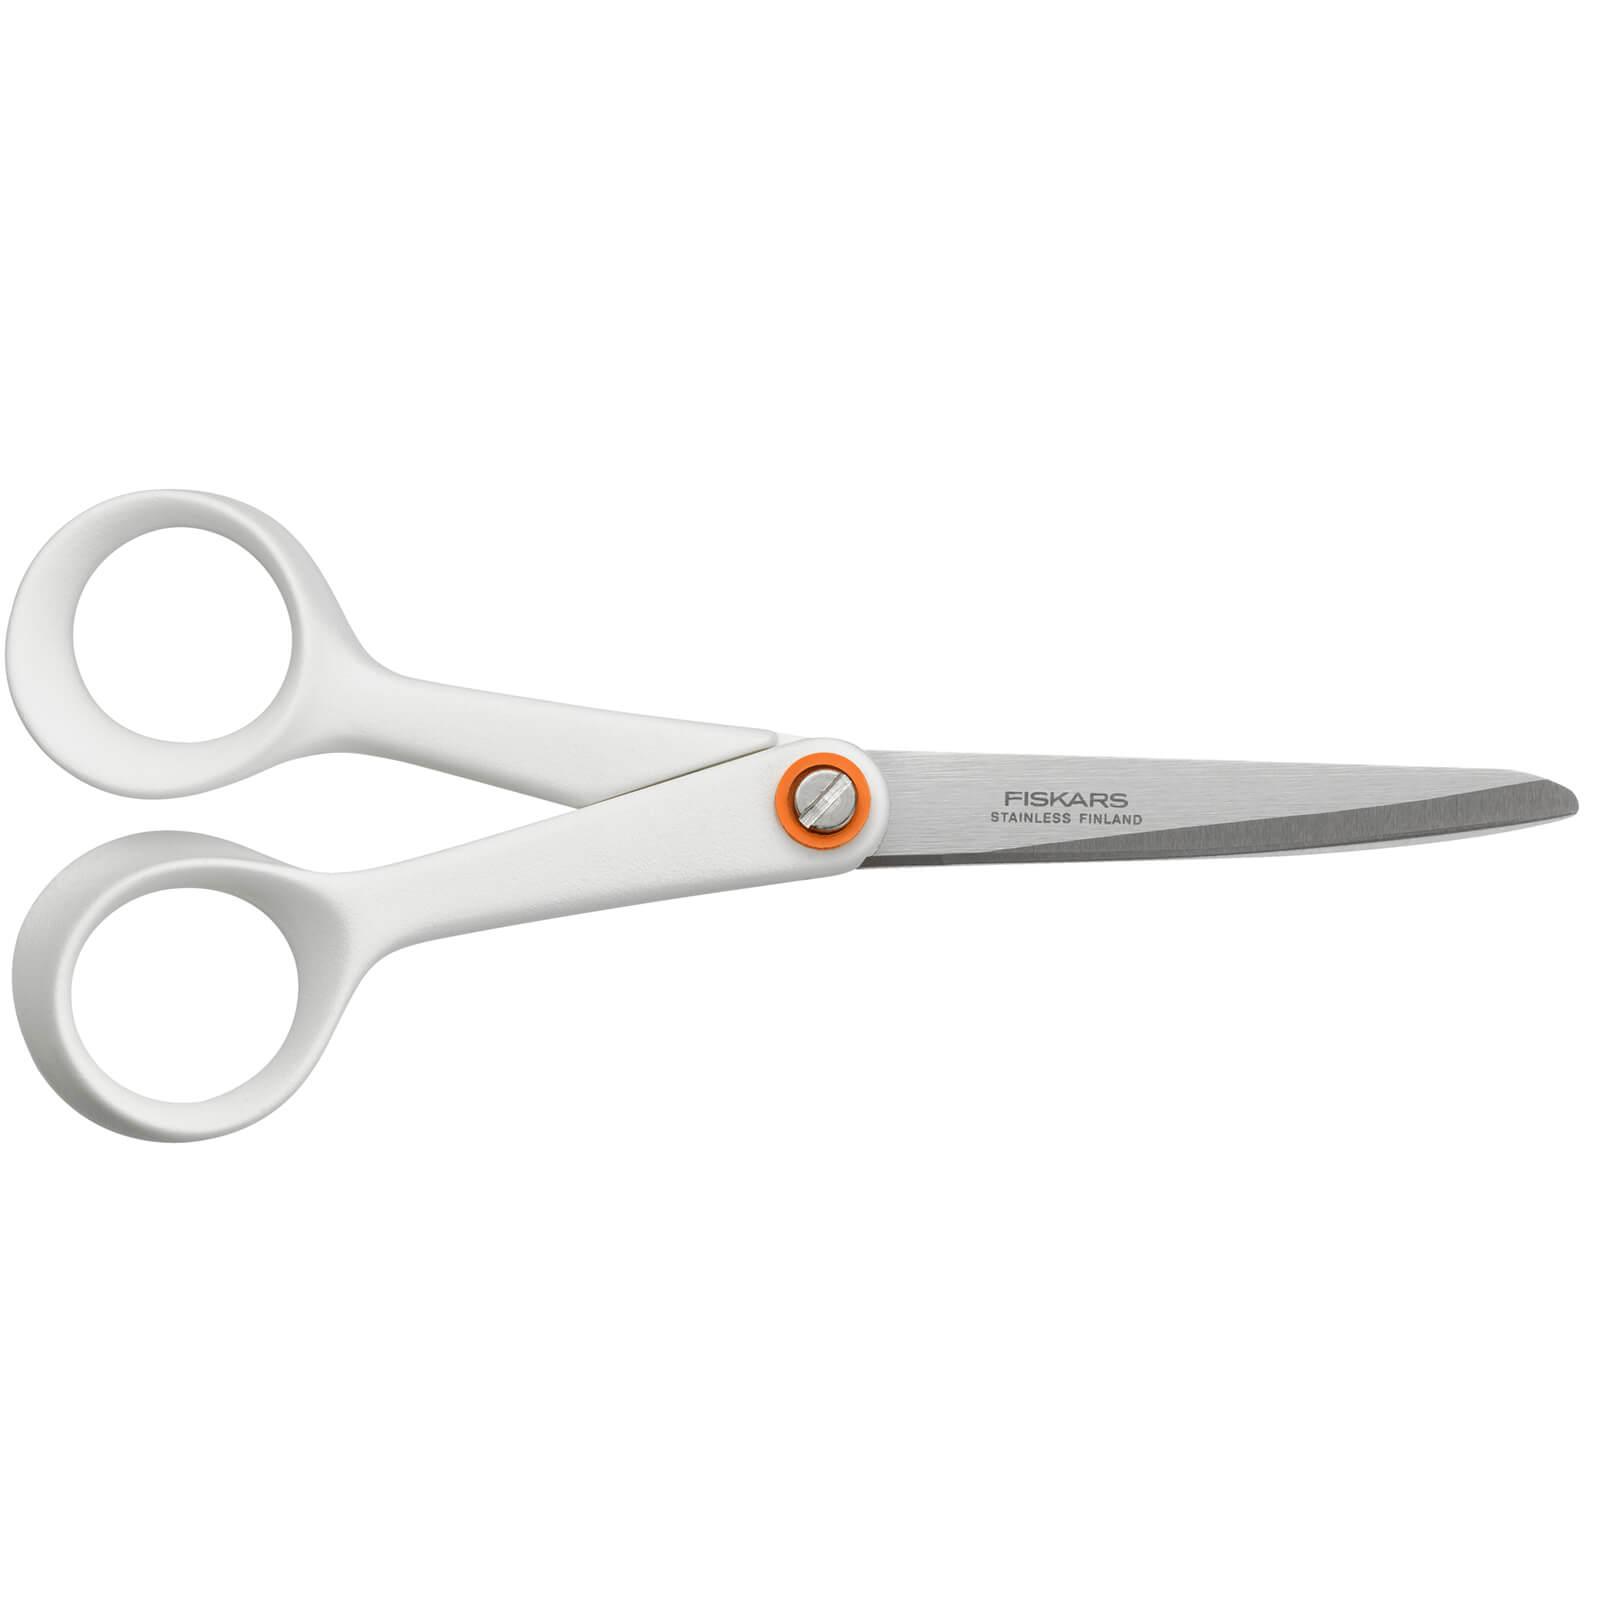 Image of Fiskars Functional Form Universal Scissors White